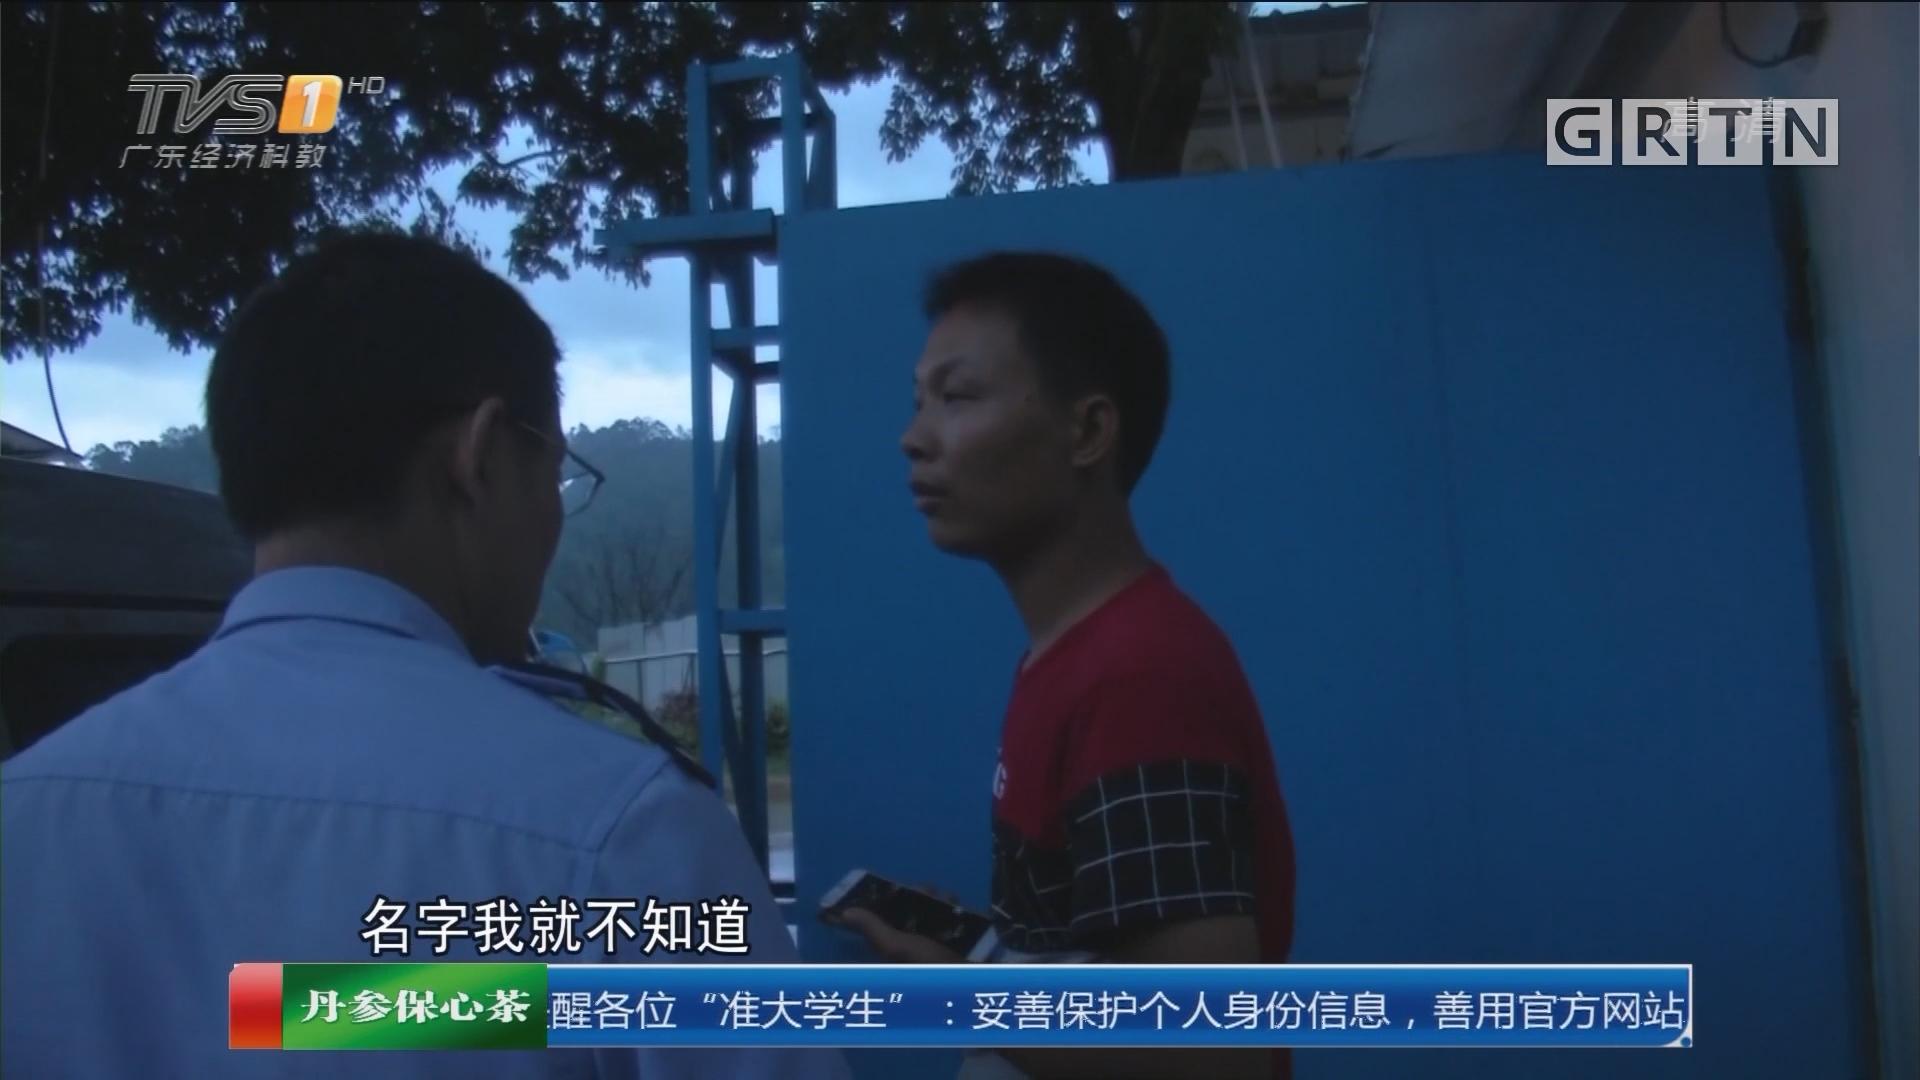 一线调查:东莞黑油车追踪 记者体验:身份不同报警效果不同